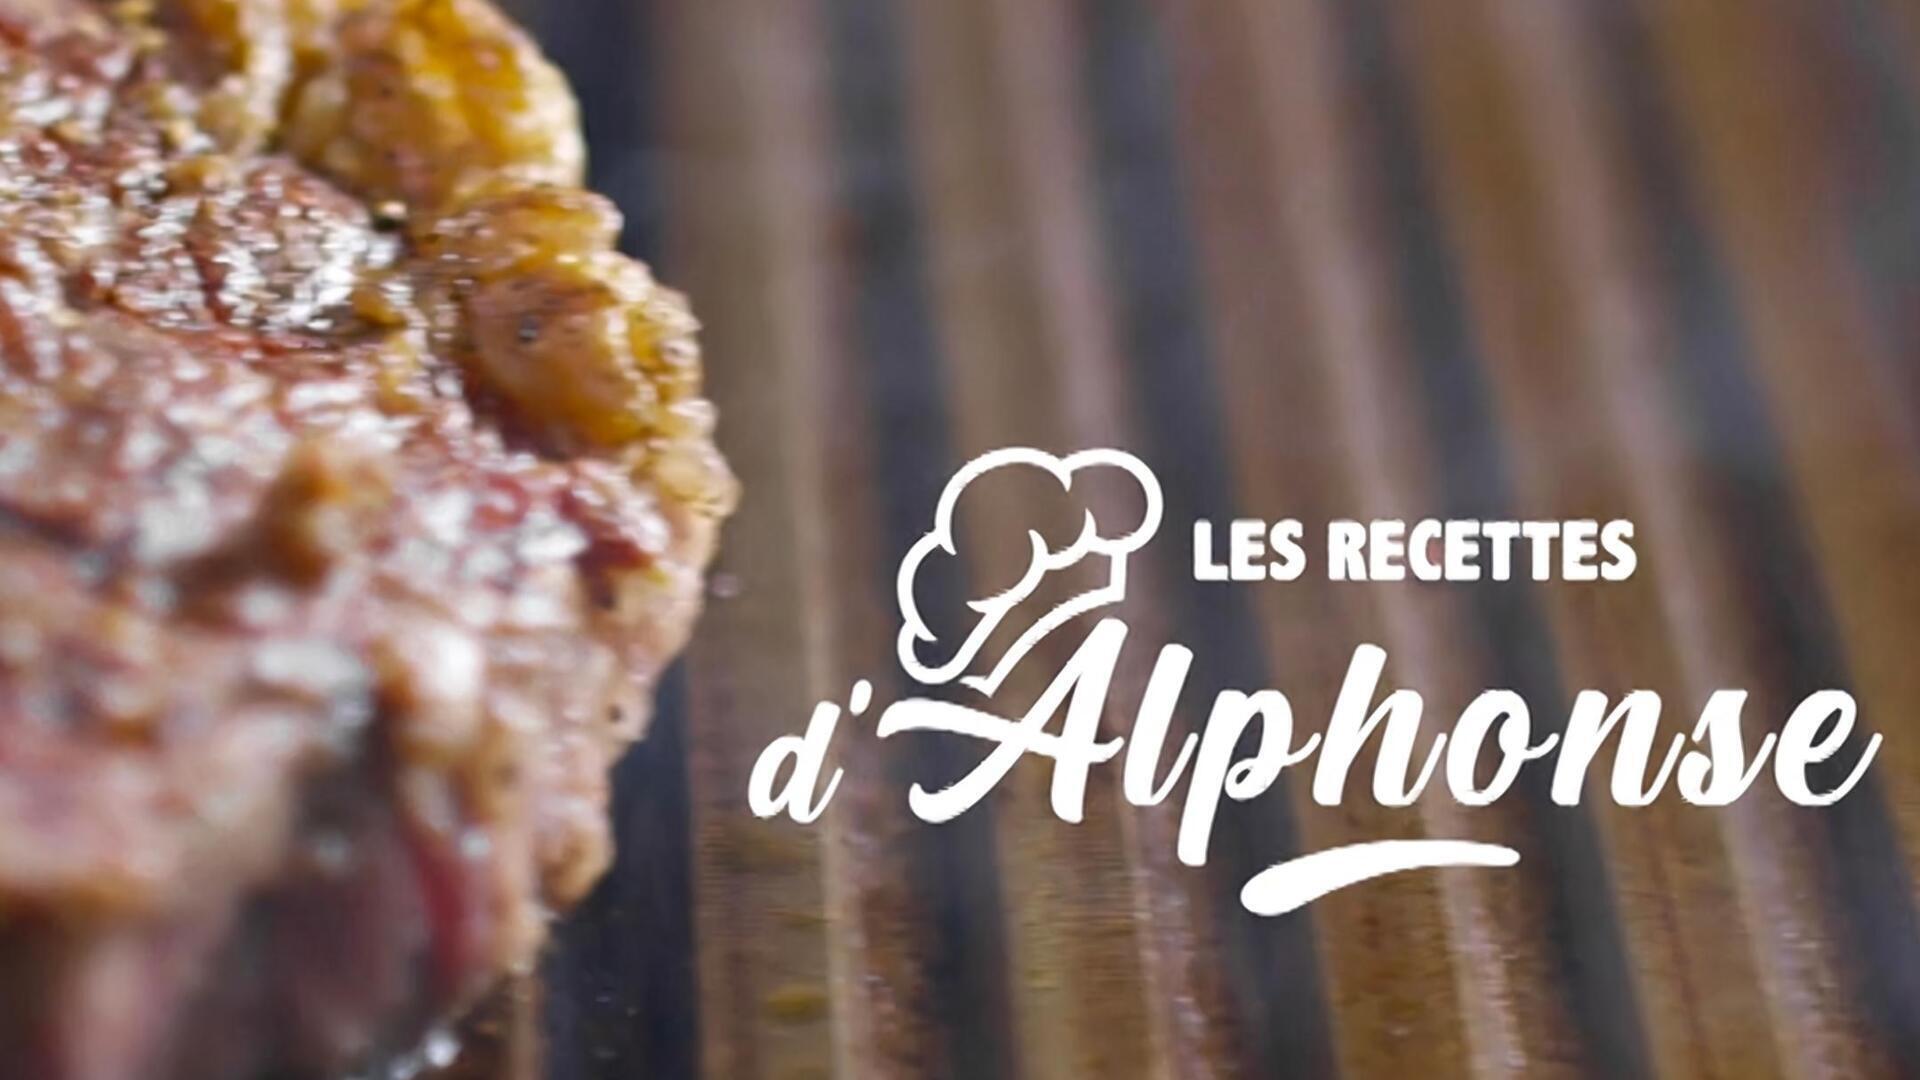 Recettes d'Alphonse : Ravioli de crevettes